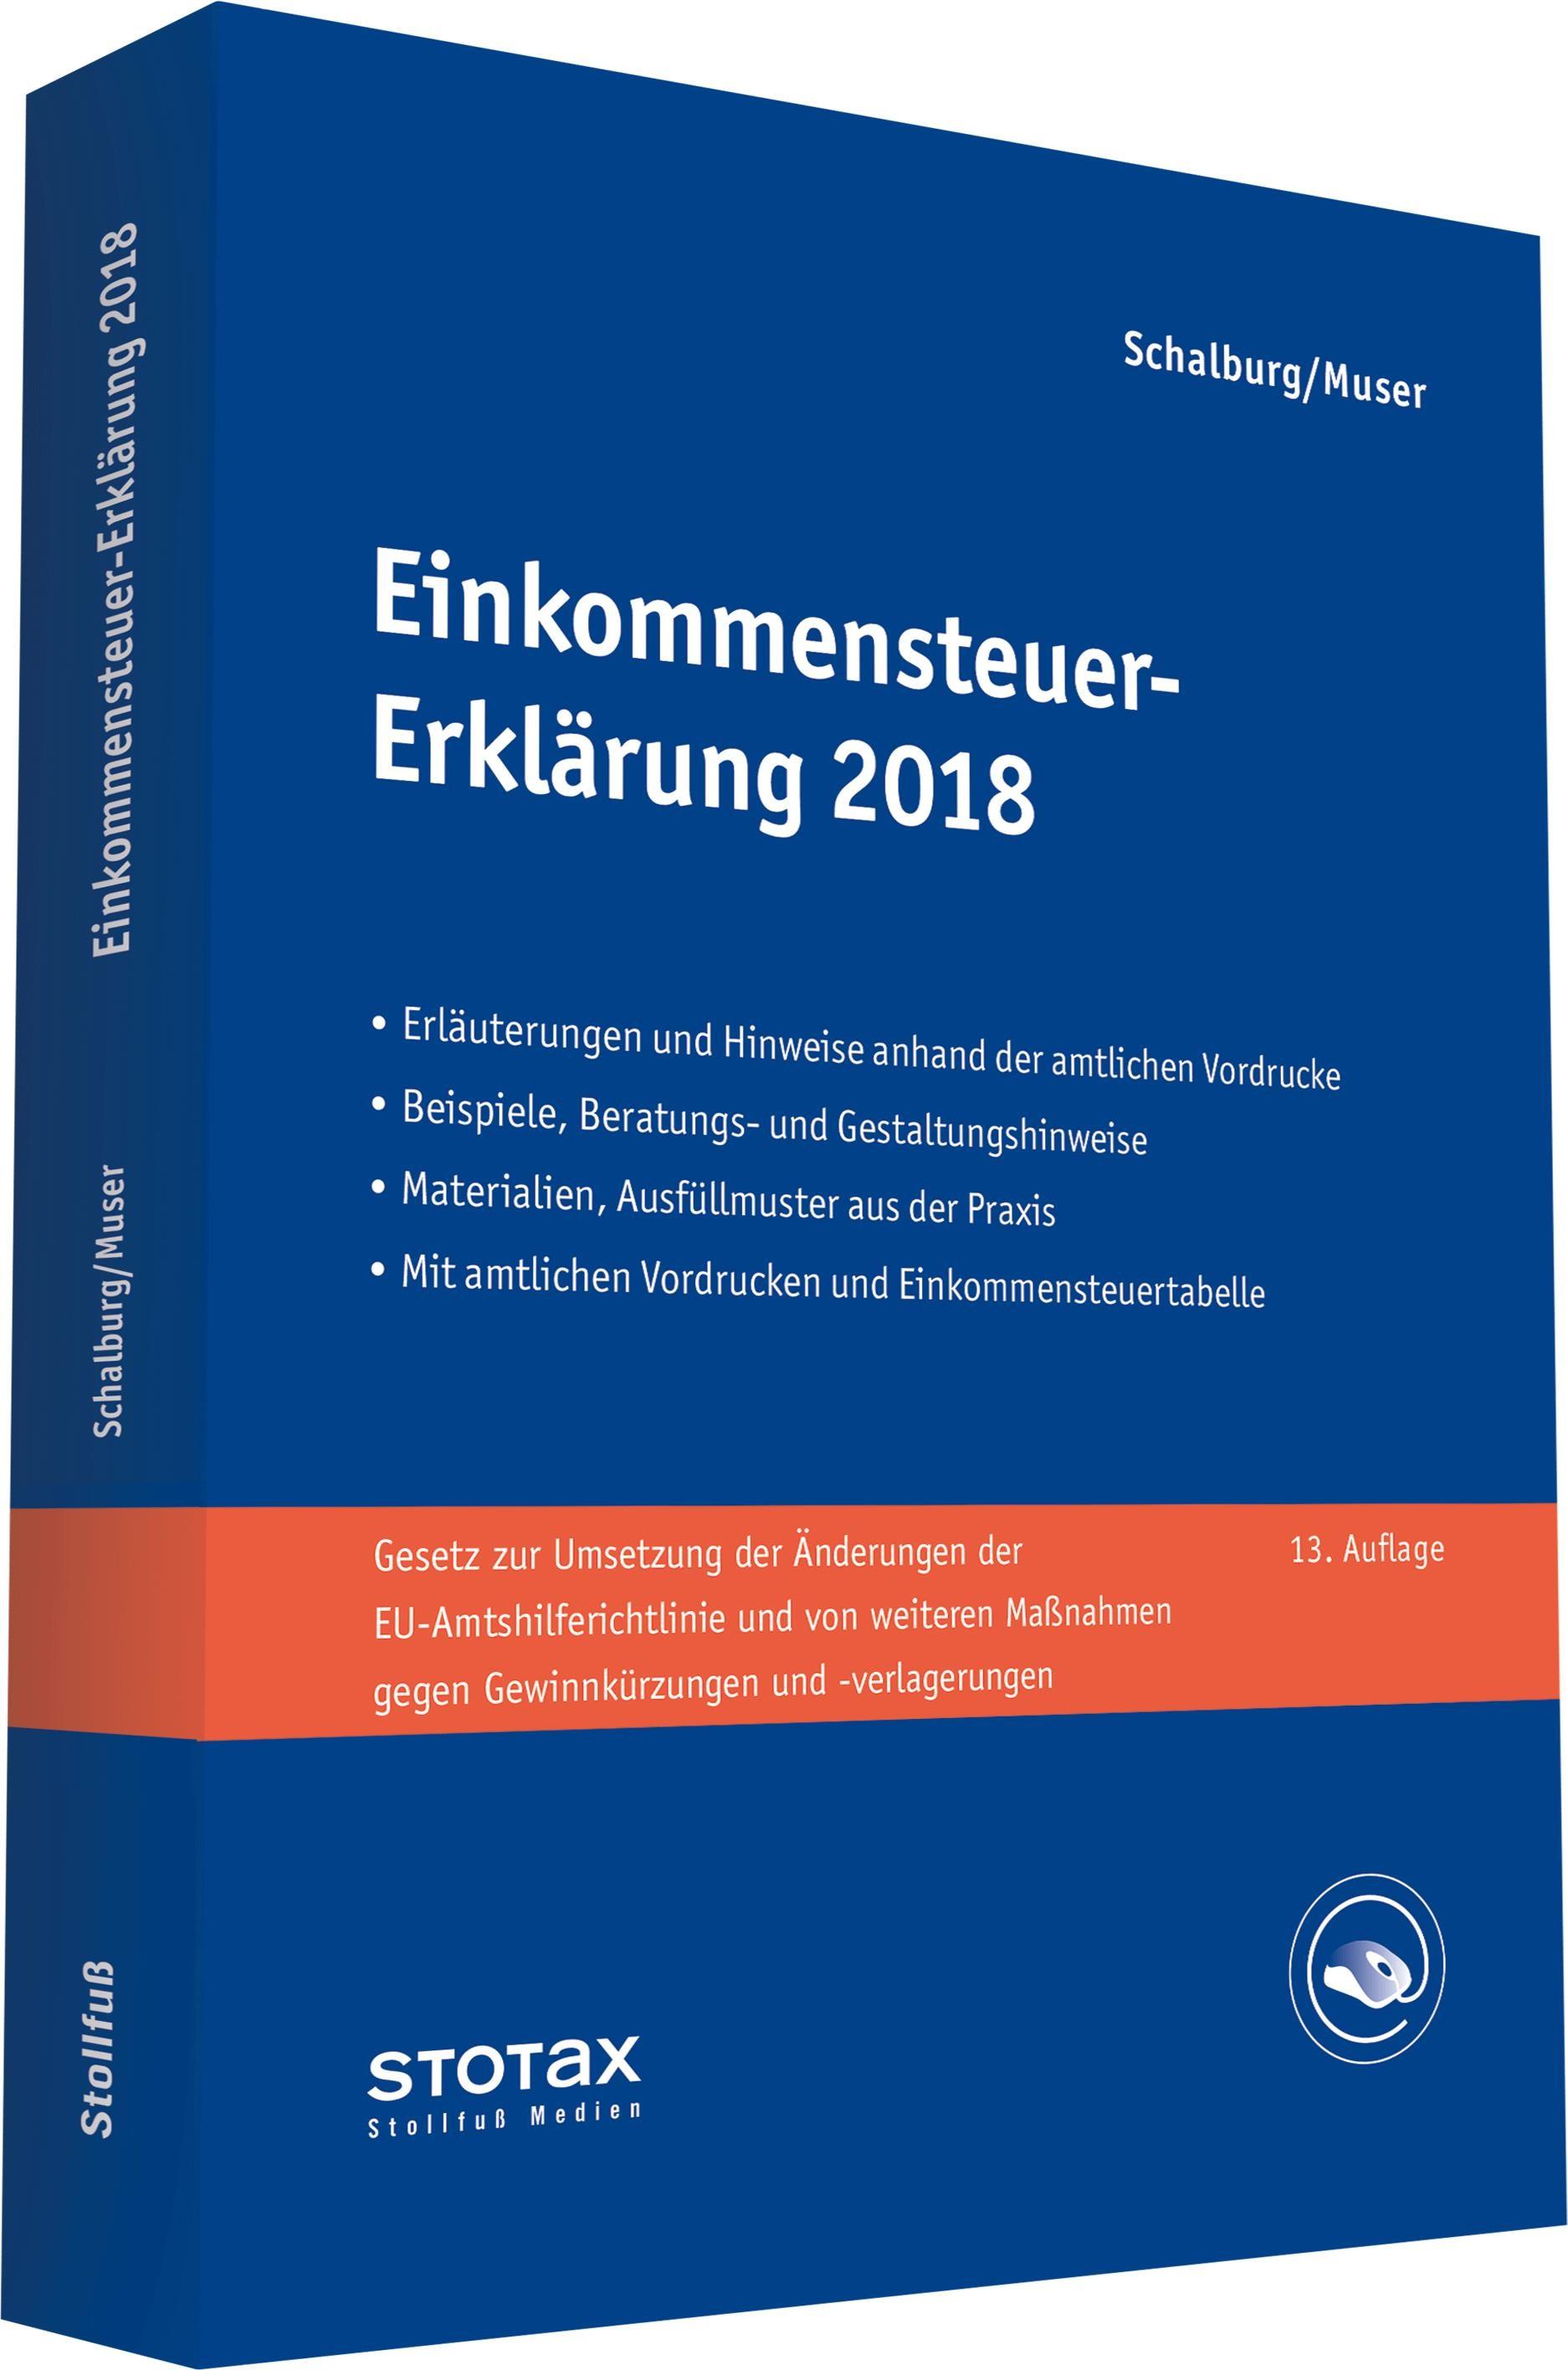 Einkommensteuer-Erklärung 2018 | Schalburg / Muser | 13. Auflage, 2018 | Buch (Cover)